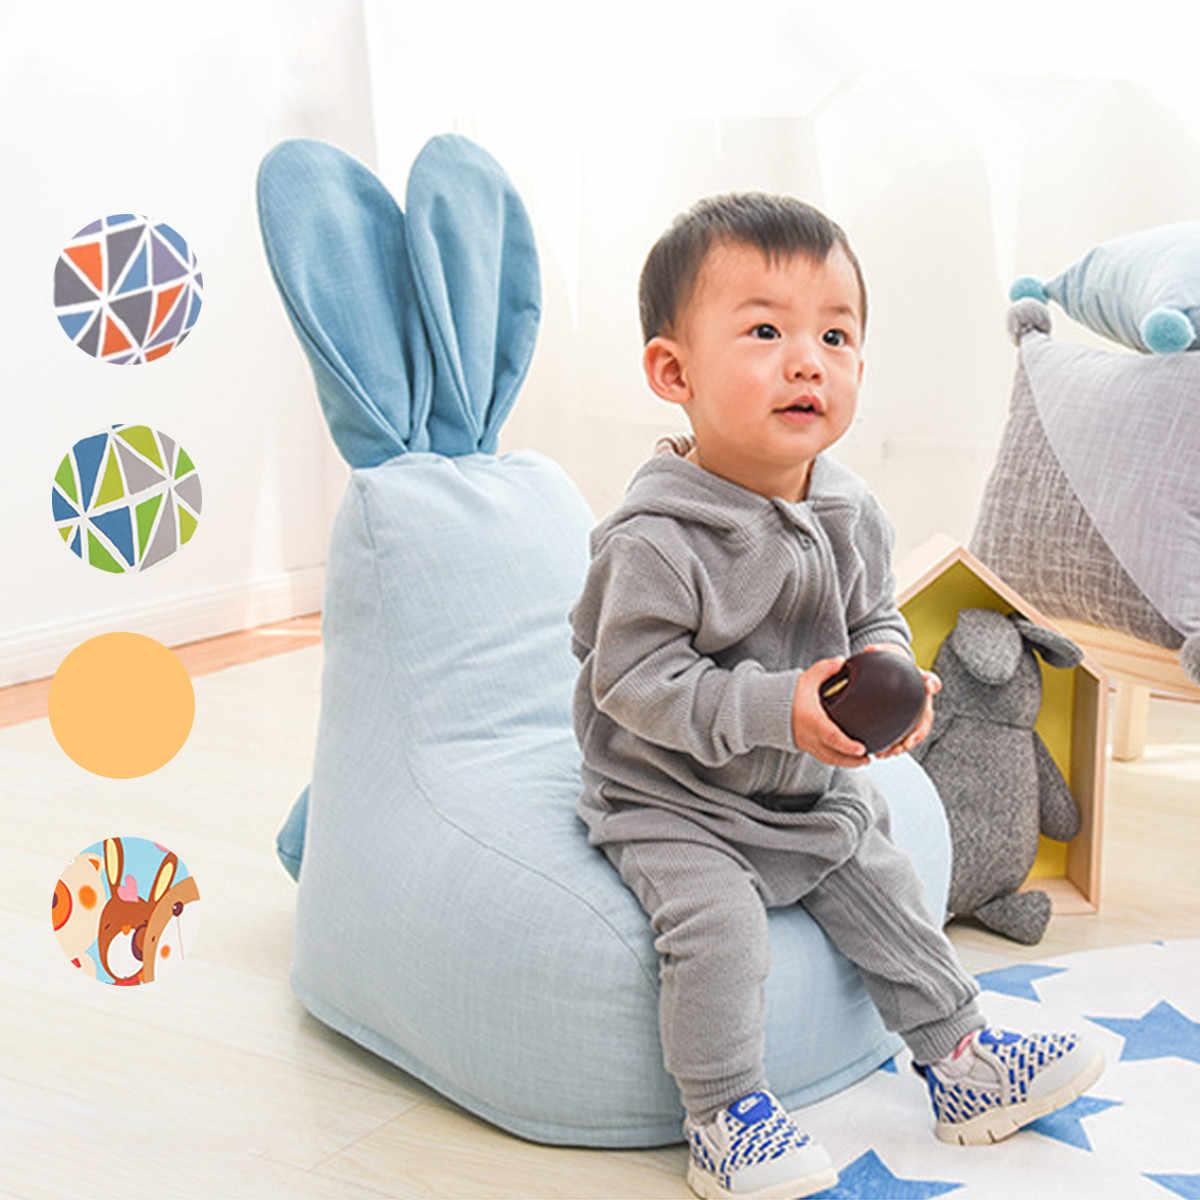 Com Filler Pequeno Bonito Decoração do Quarto Crianças Beanbag Cadeira Do Sofá do Saco de Feijão Assento Otomano Remoção-Capaz de Lavar Com Bolsos e Travesseiros